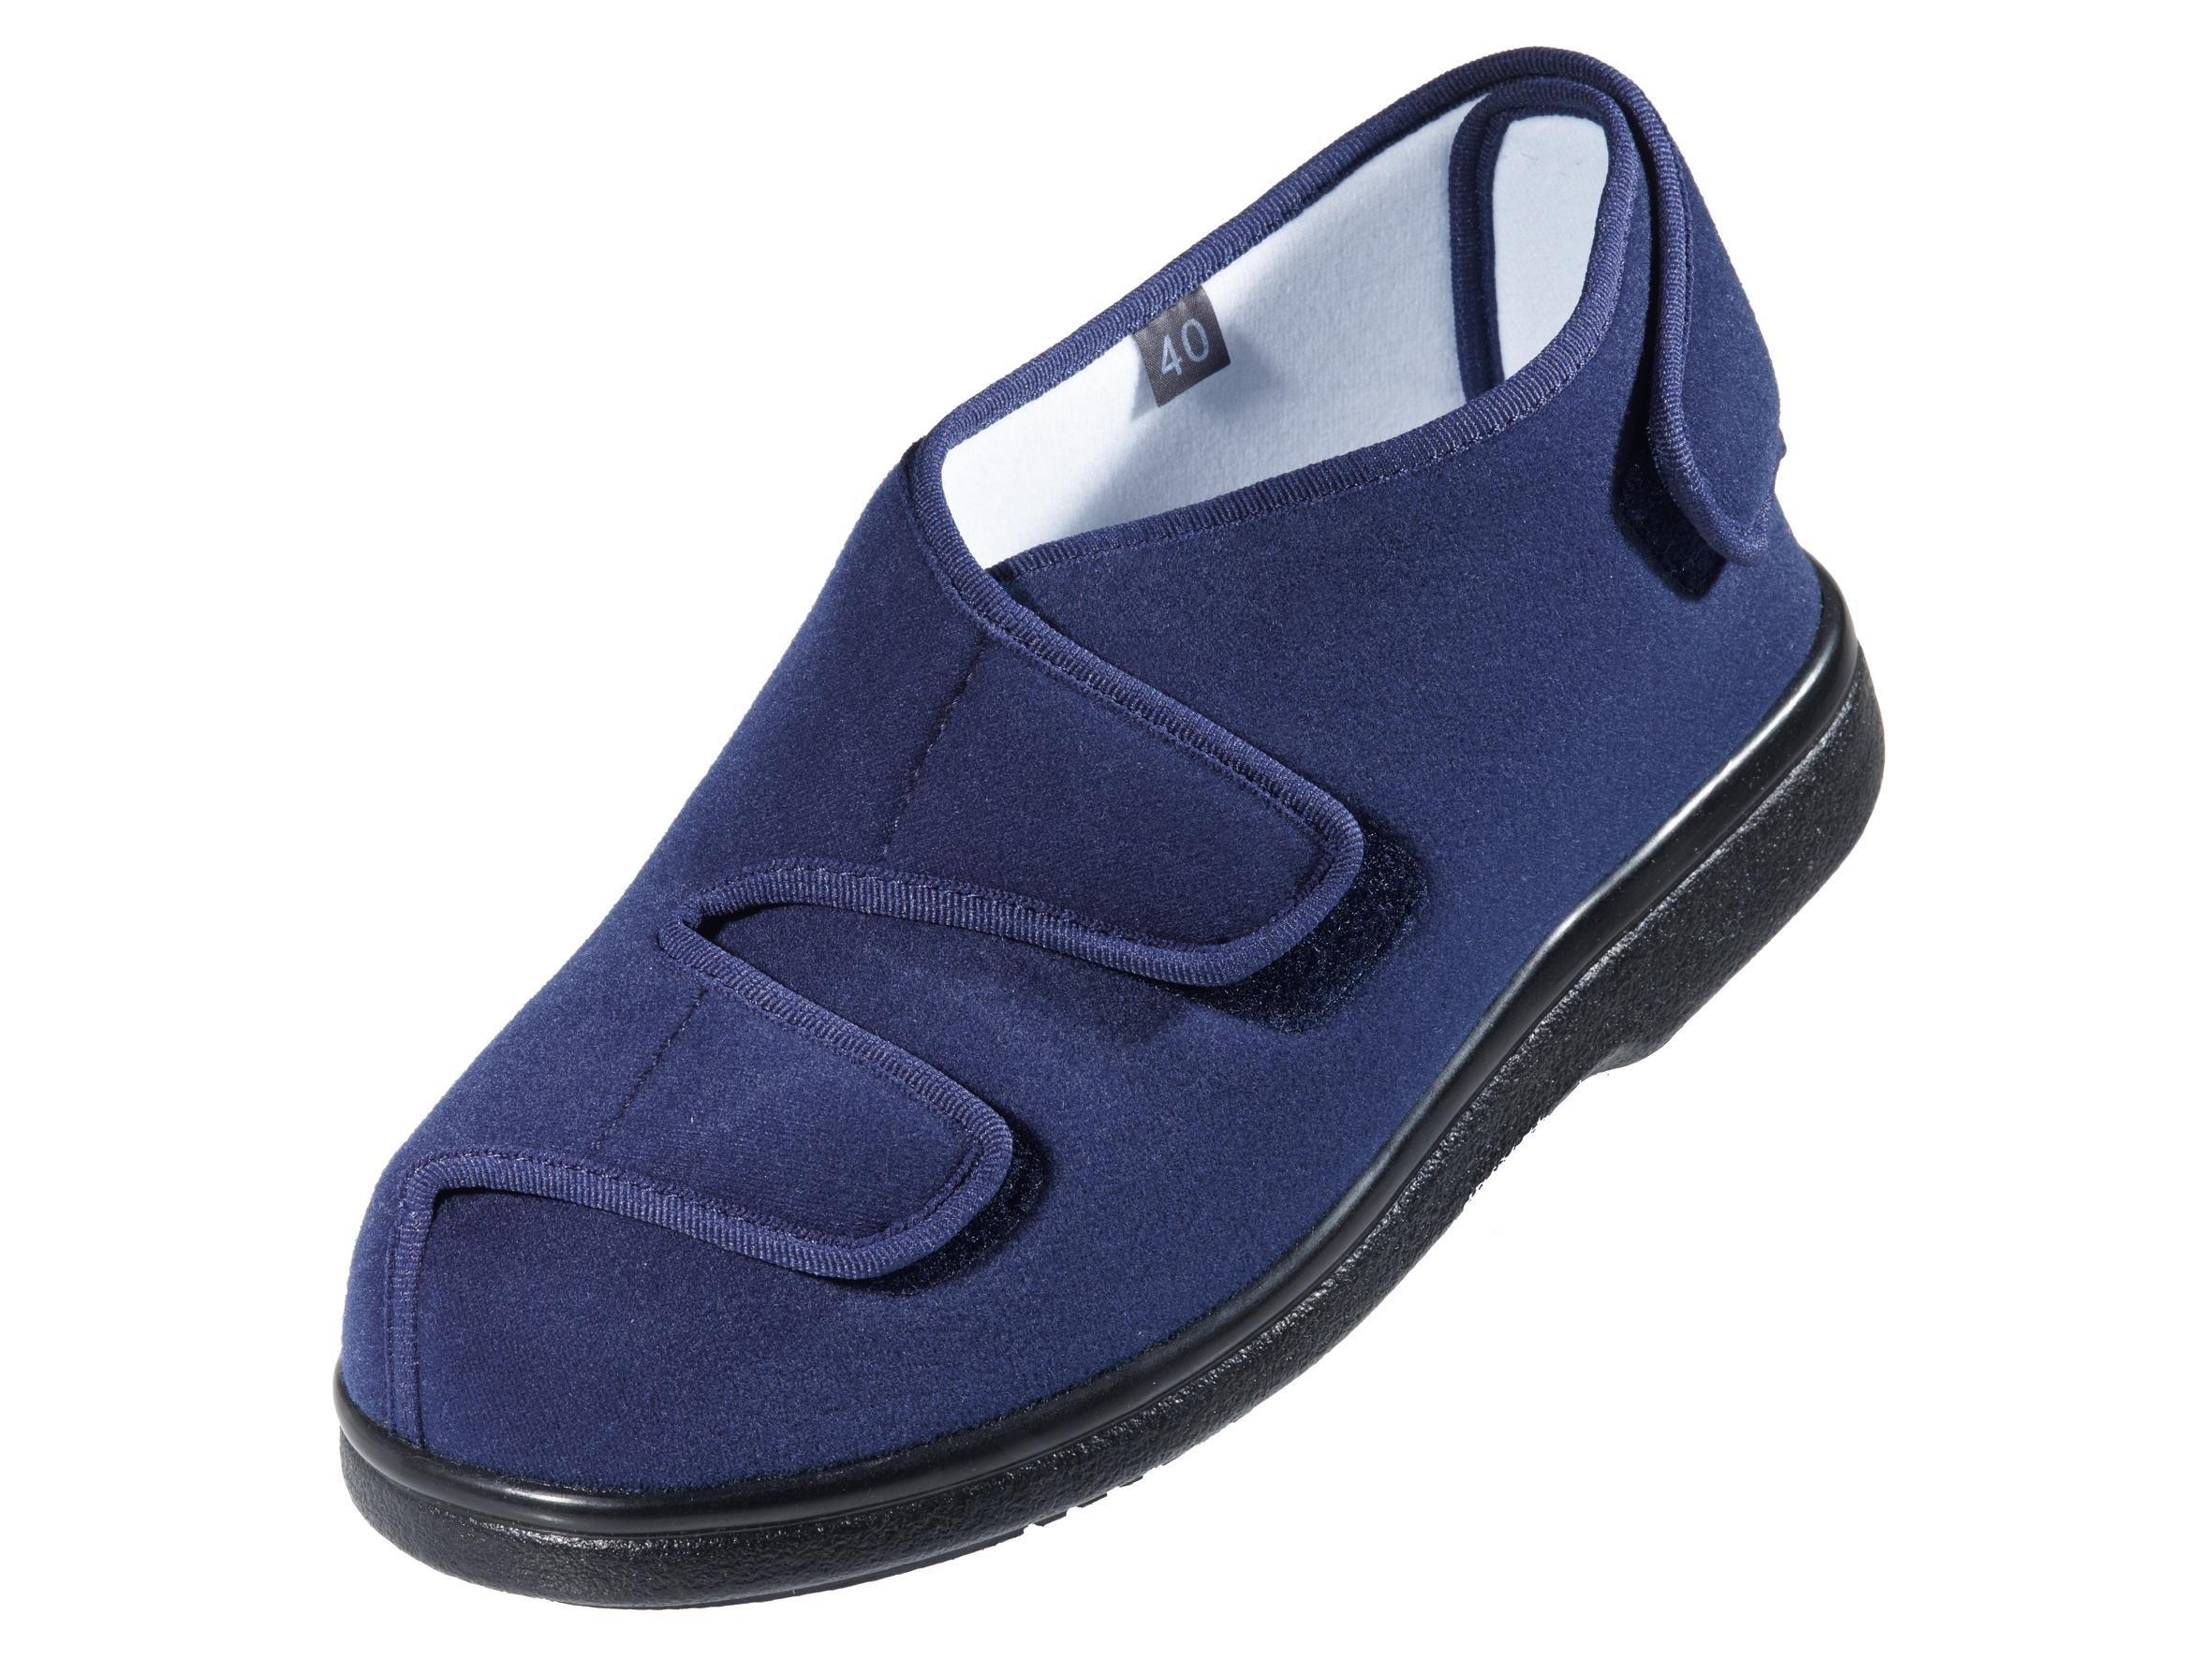 promed speciale schoenen SaniSoft D bij OTTO online kopen